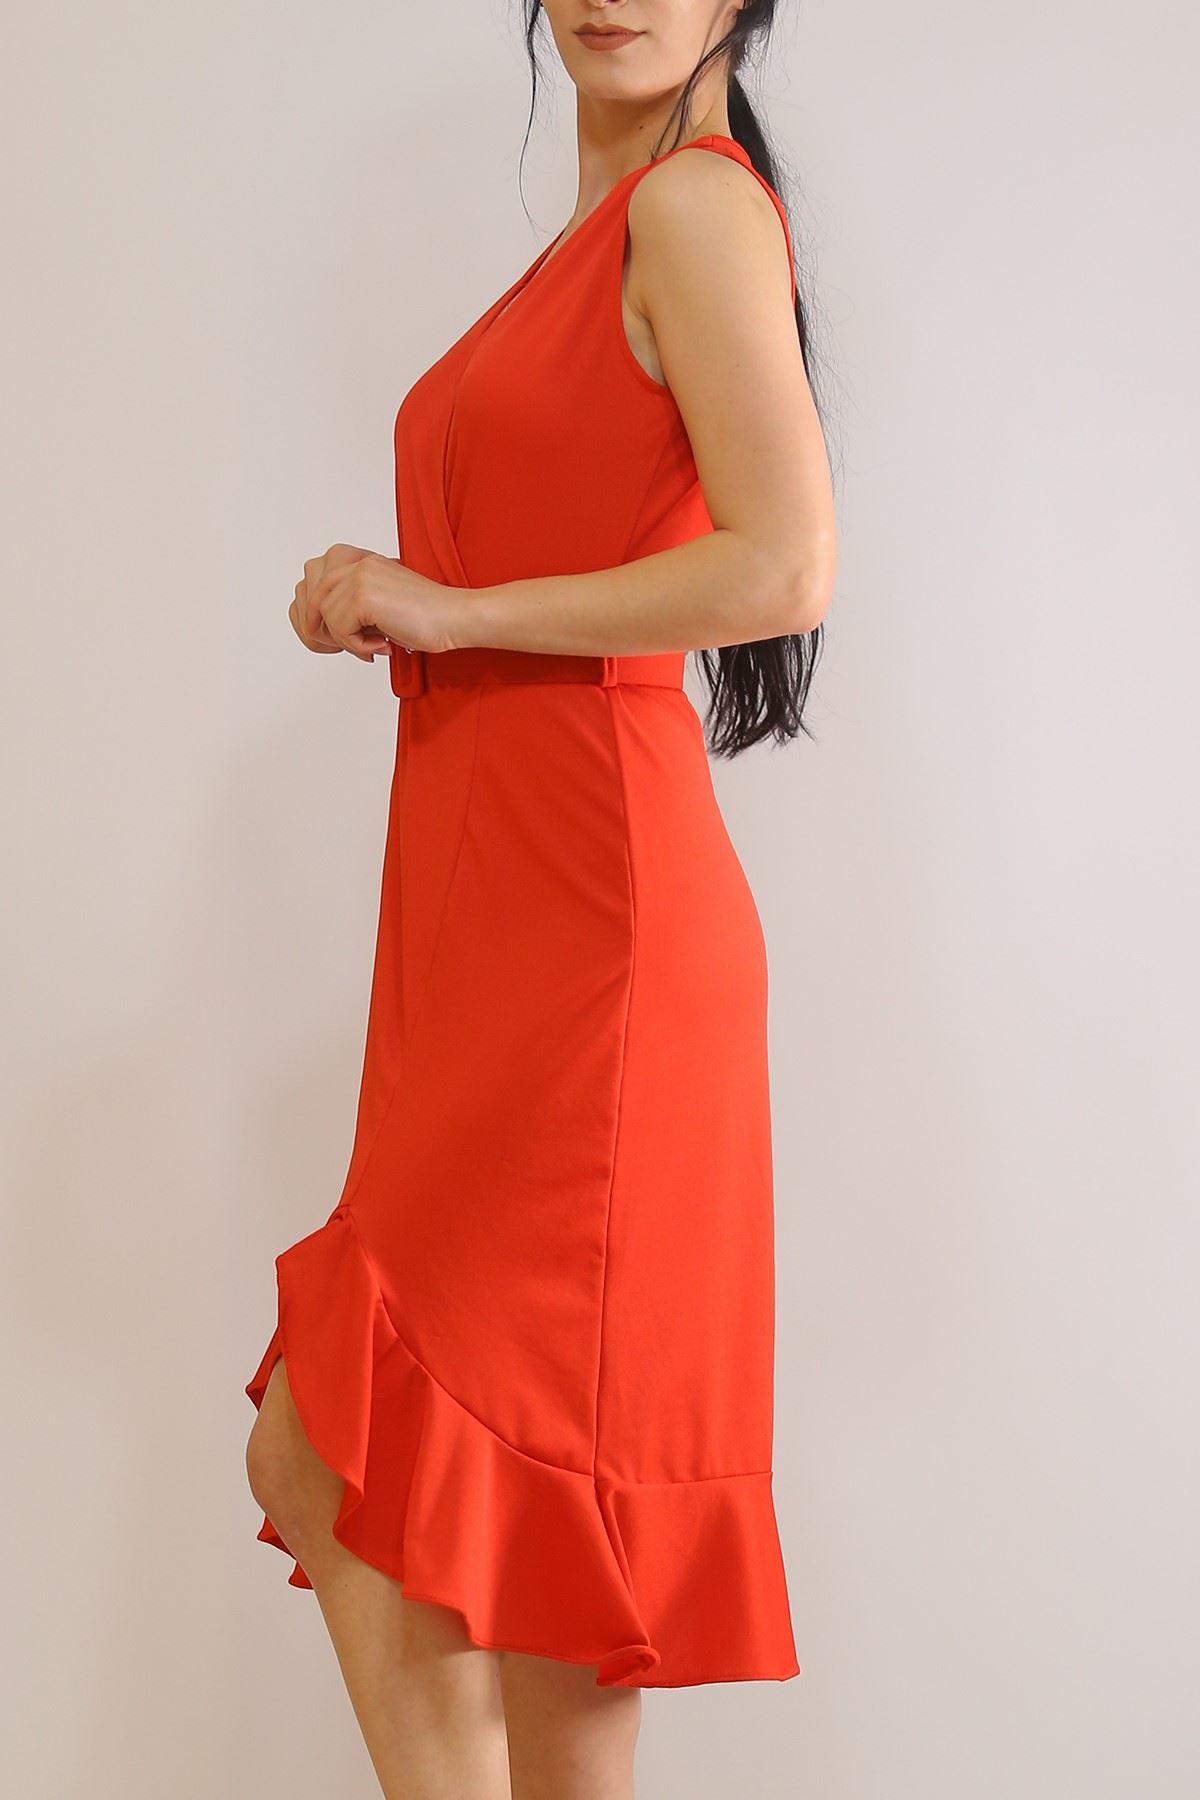 Sıfır Kol Kemerli Elbise Kırmızı - 5899.1269.